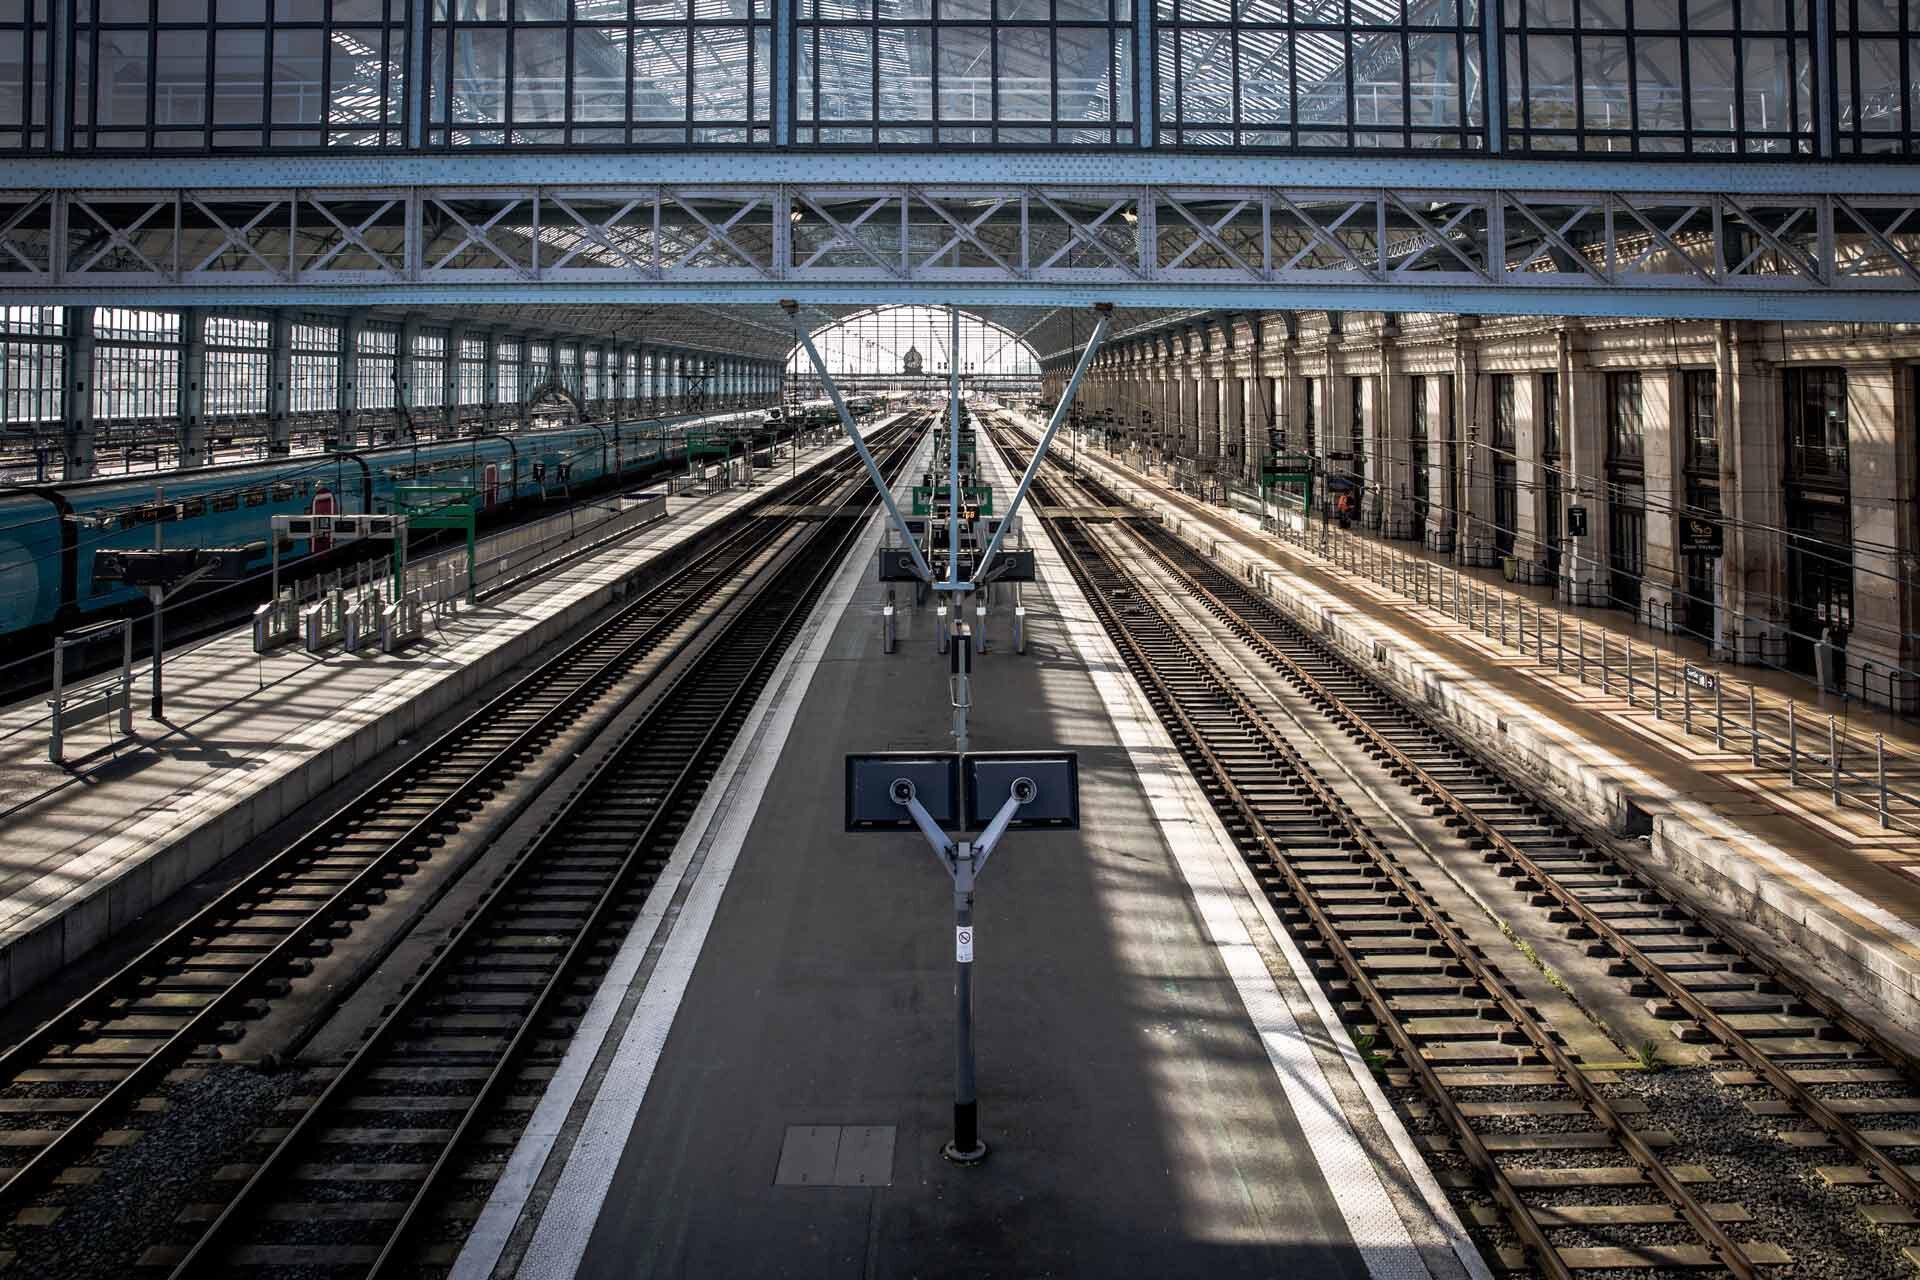 La gare Saint-Jean est à l'arrêt : hall central fermé, circulation presque totalement interrompue. Les rails sont déserts.